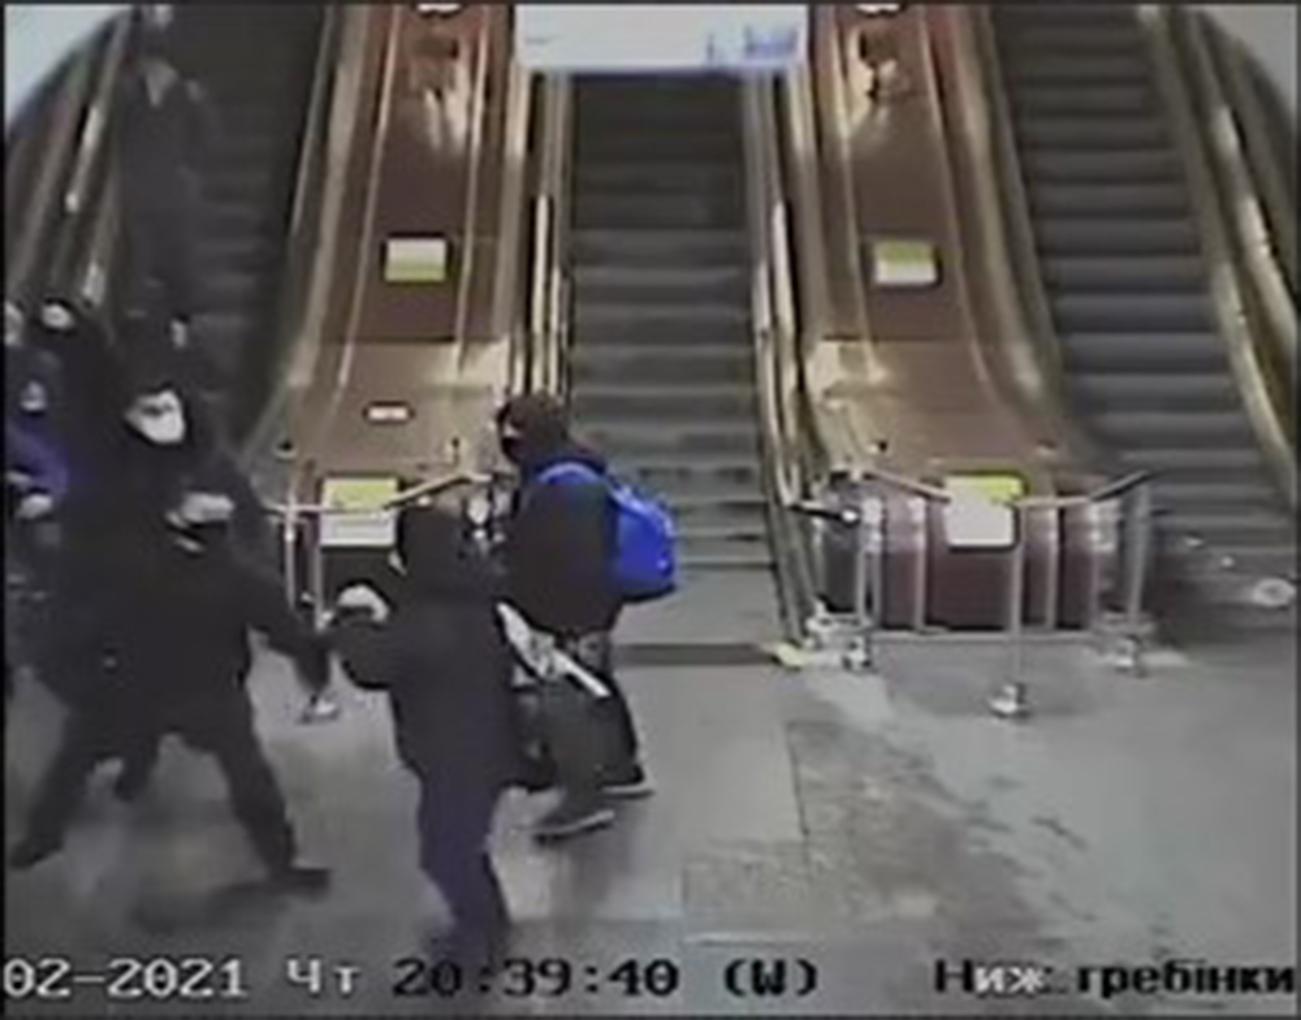 У київському метро натовп спортсменів побив СБУшників за зауваження. А тепер погрожує сім'ям постраждалих